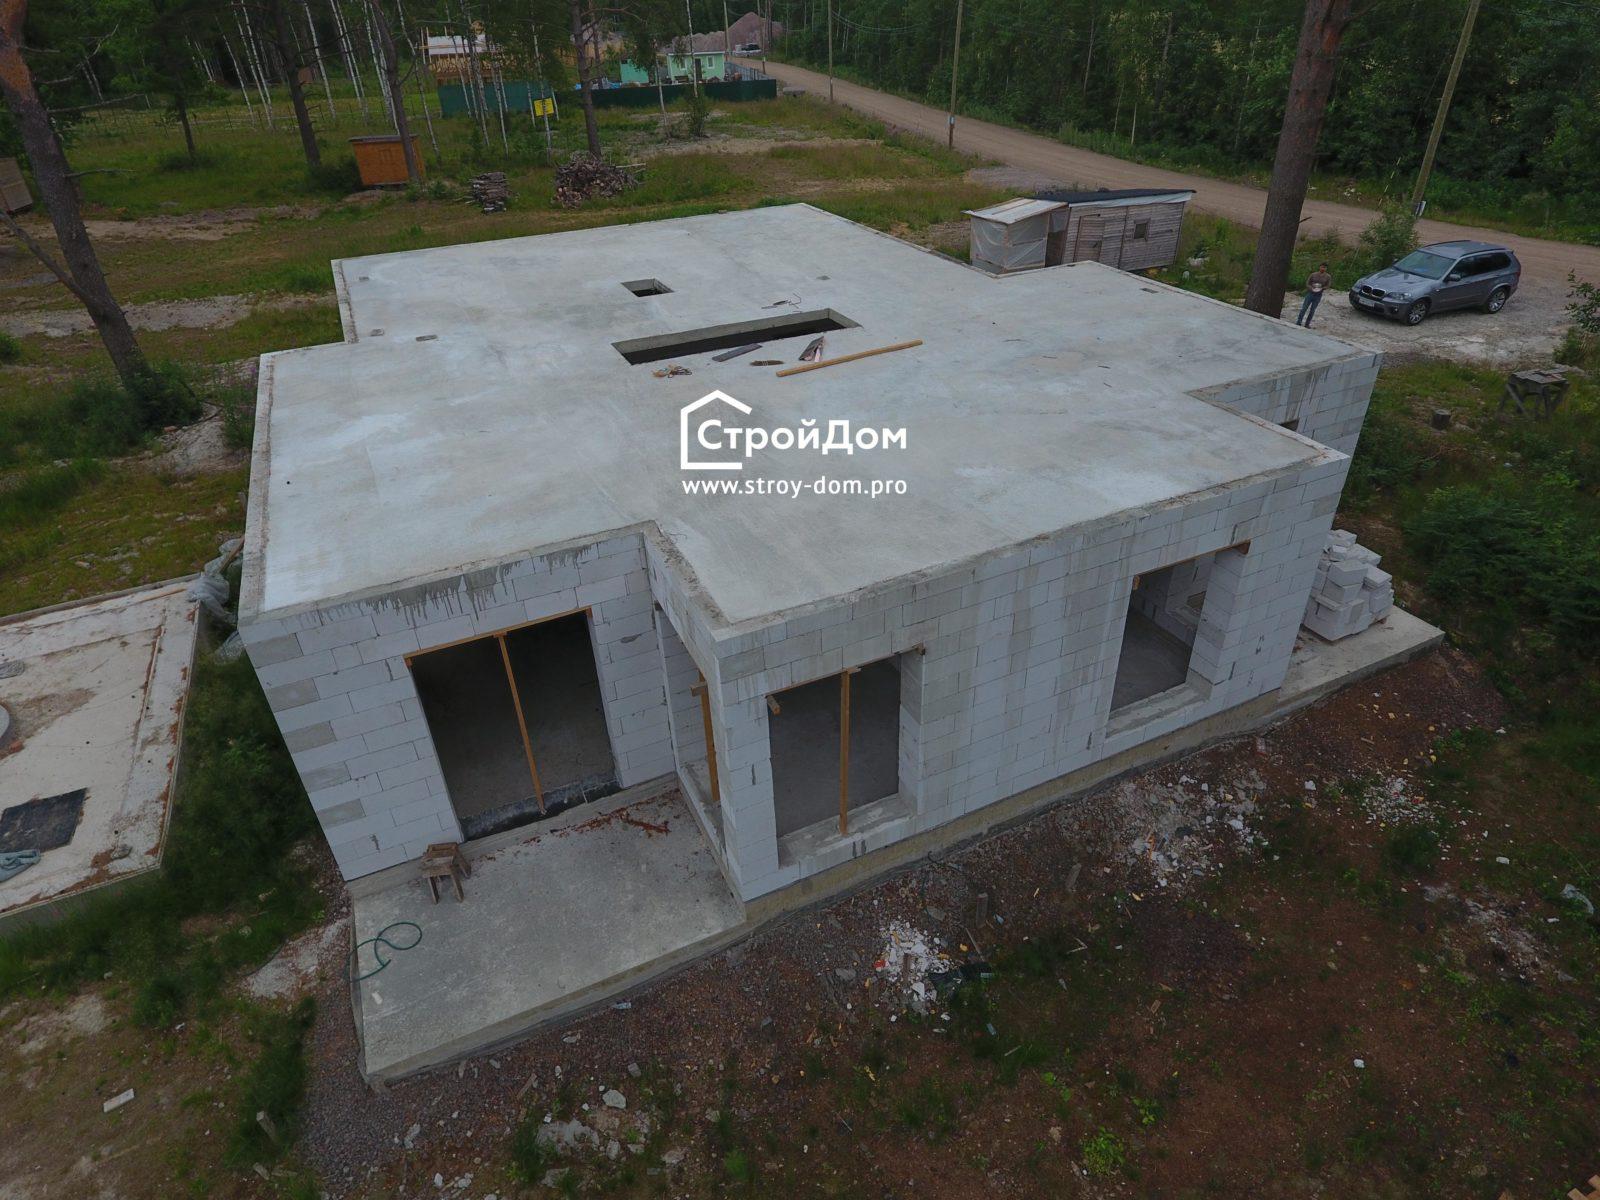 DCIM101MEDIADJI_0869.JPG